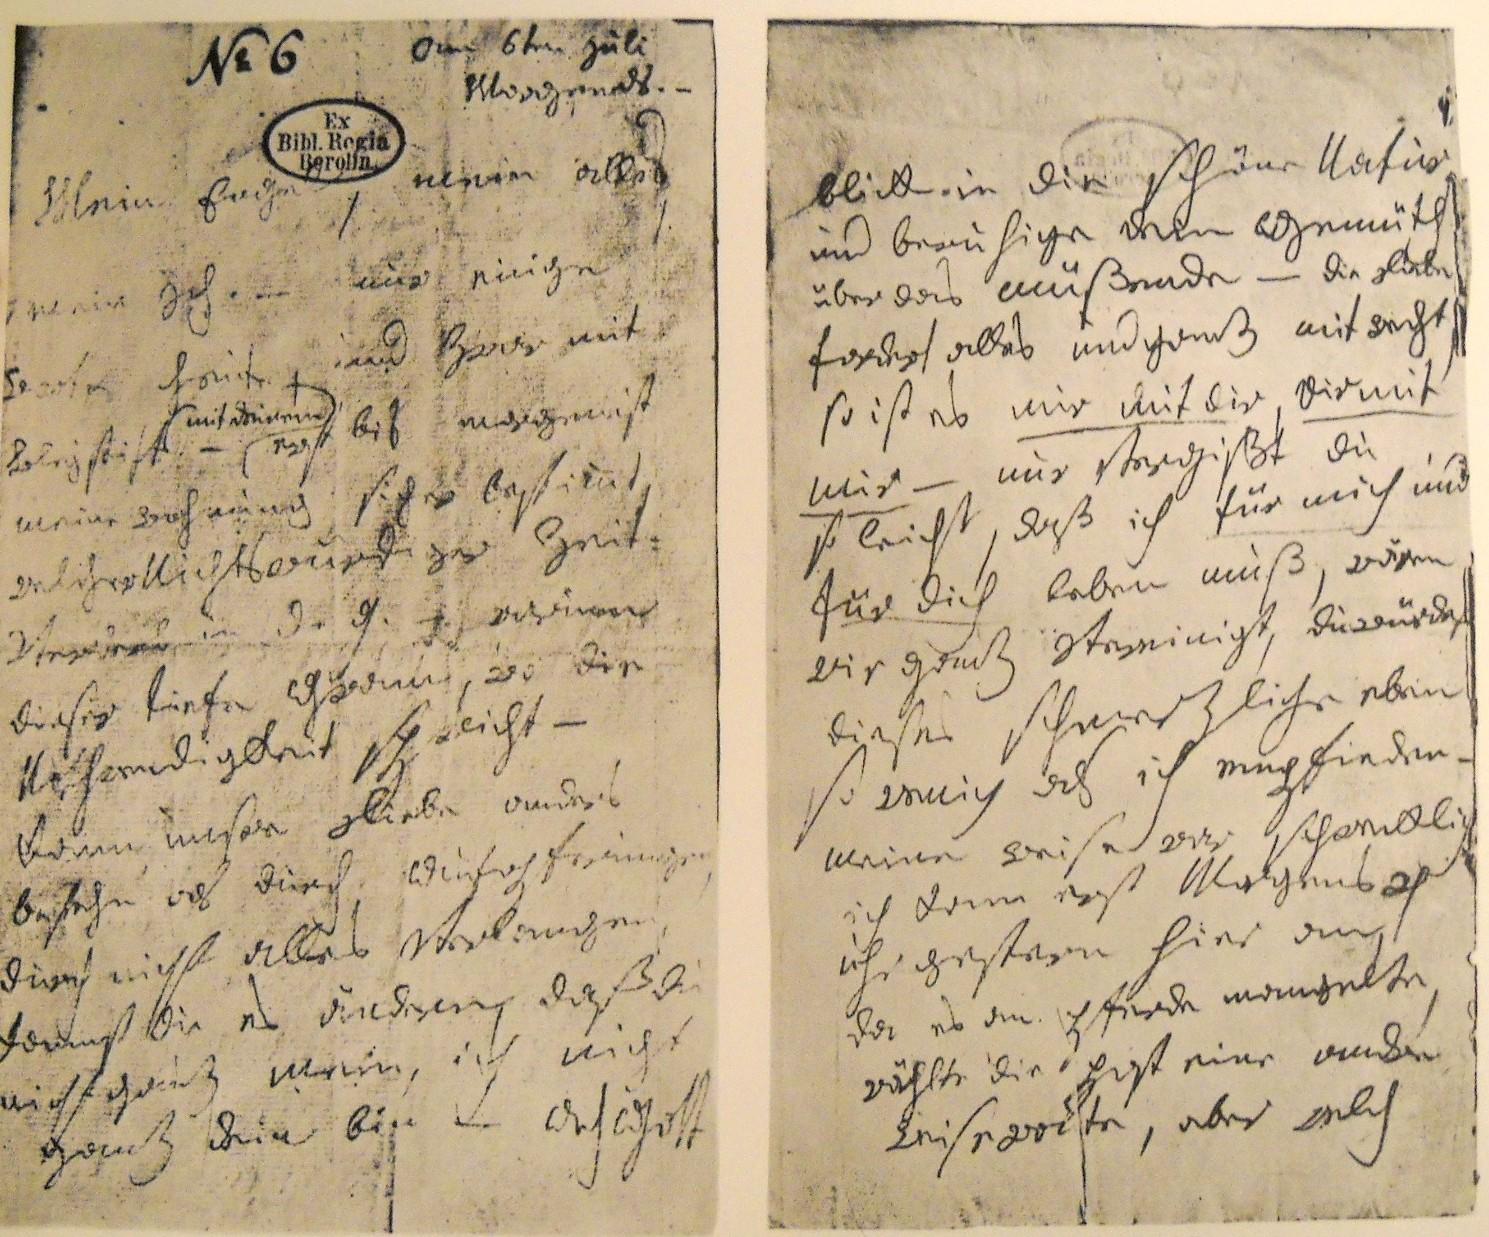 Las cartas fueron escritas en lápiz. Según un análisis, ciertas palabras han sido reescritas en un intento de hacerlas más legibles, por Antón Schindler, quien numeró las páginas.